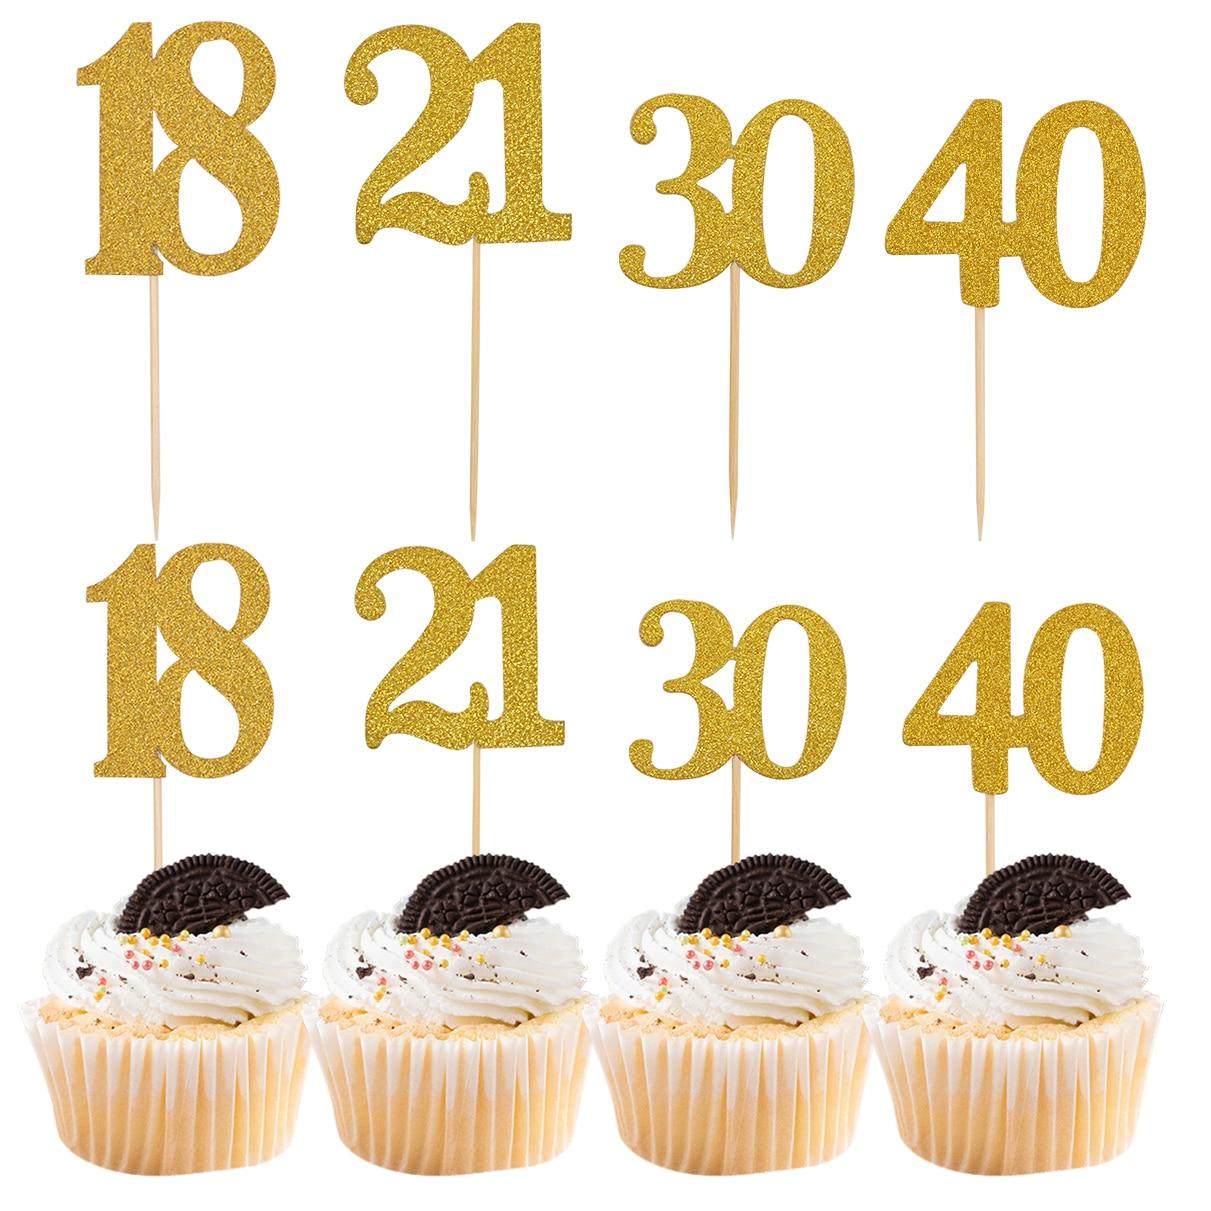 Confeitaria de bolo de número de ouro, 18 21 30 40 50 60 anos de idade, decoração de festa de aniversário, toppers de bolo de papel com vara 10 conjuntos de 10 conjuntos